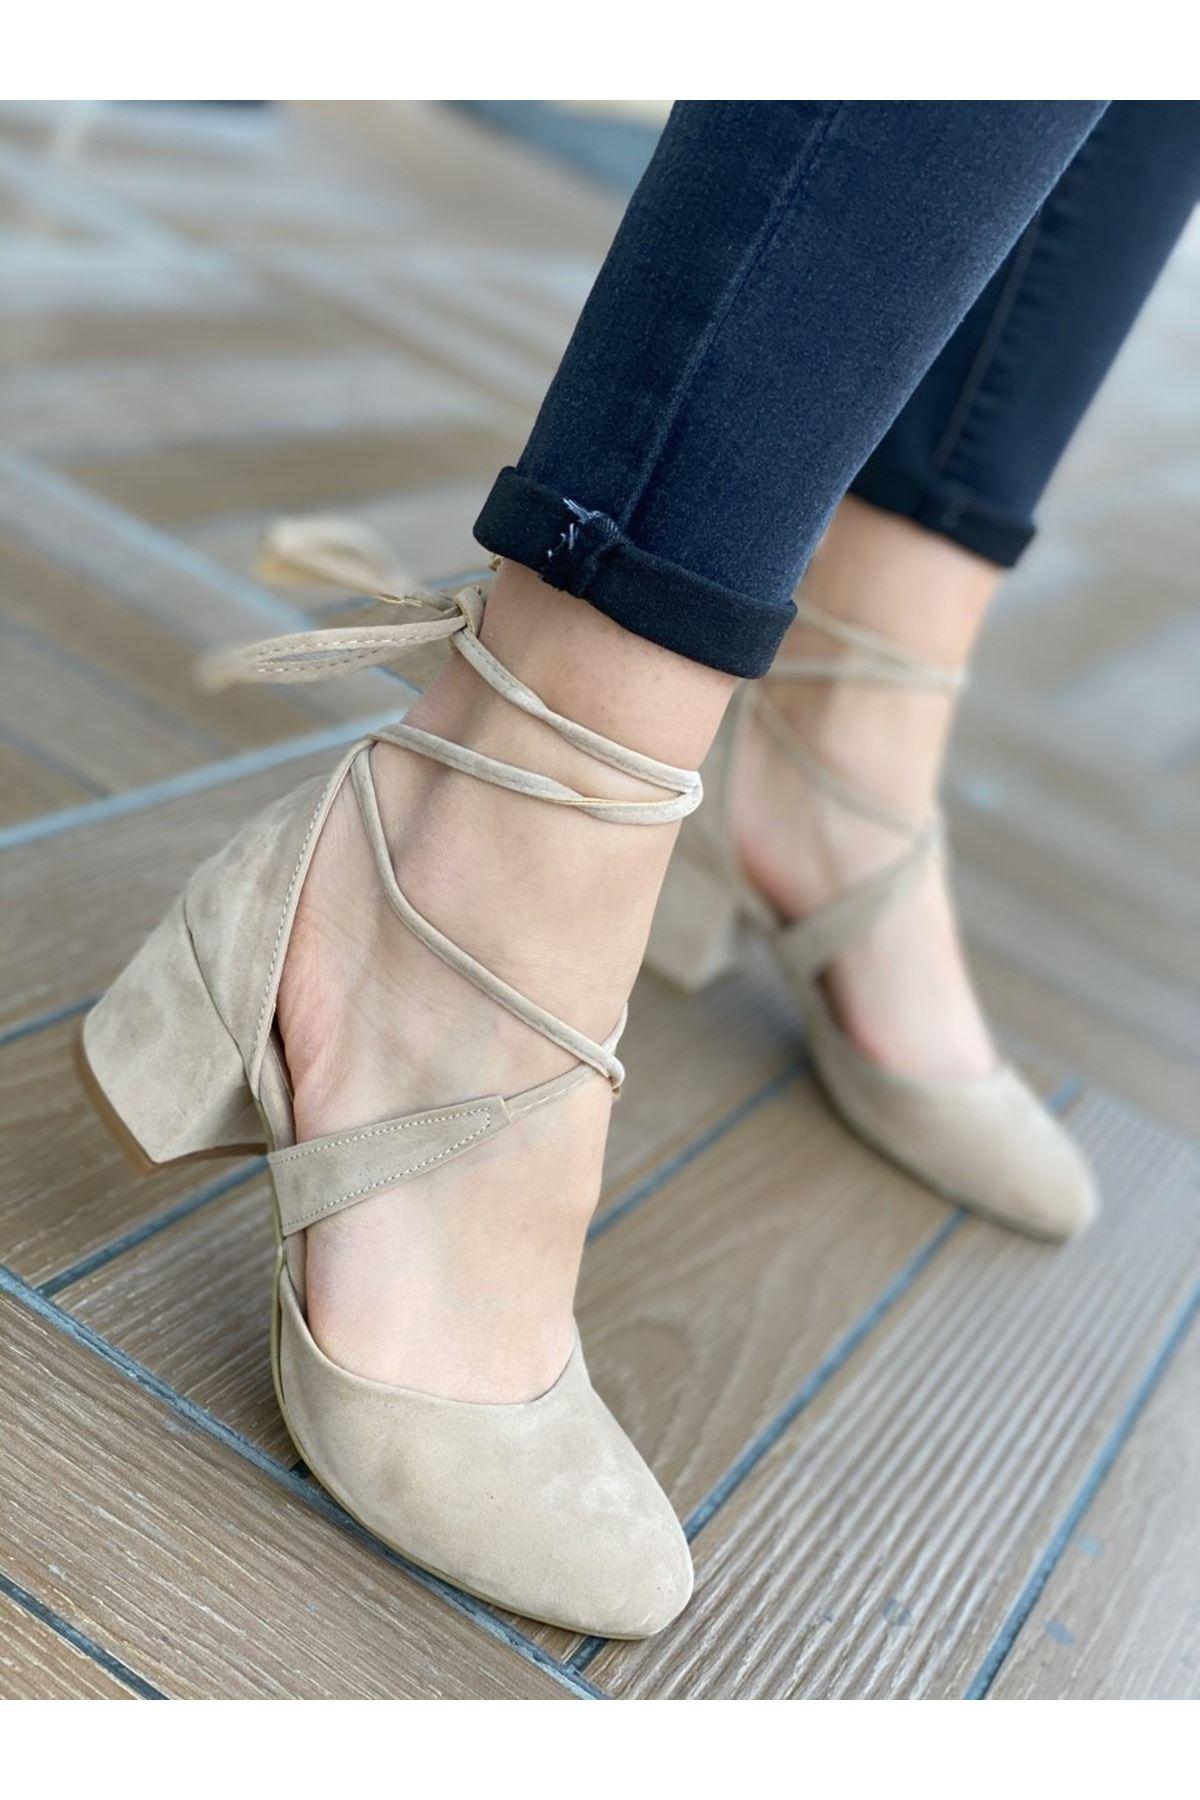 Kadın Vadde Kısa Topuklu Vizon Süet Ayakkabı